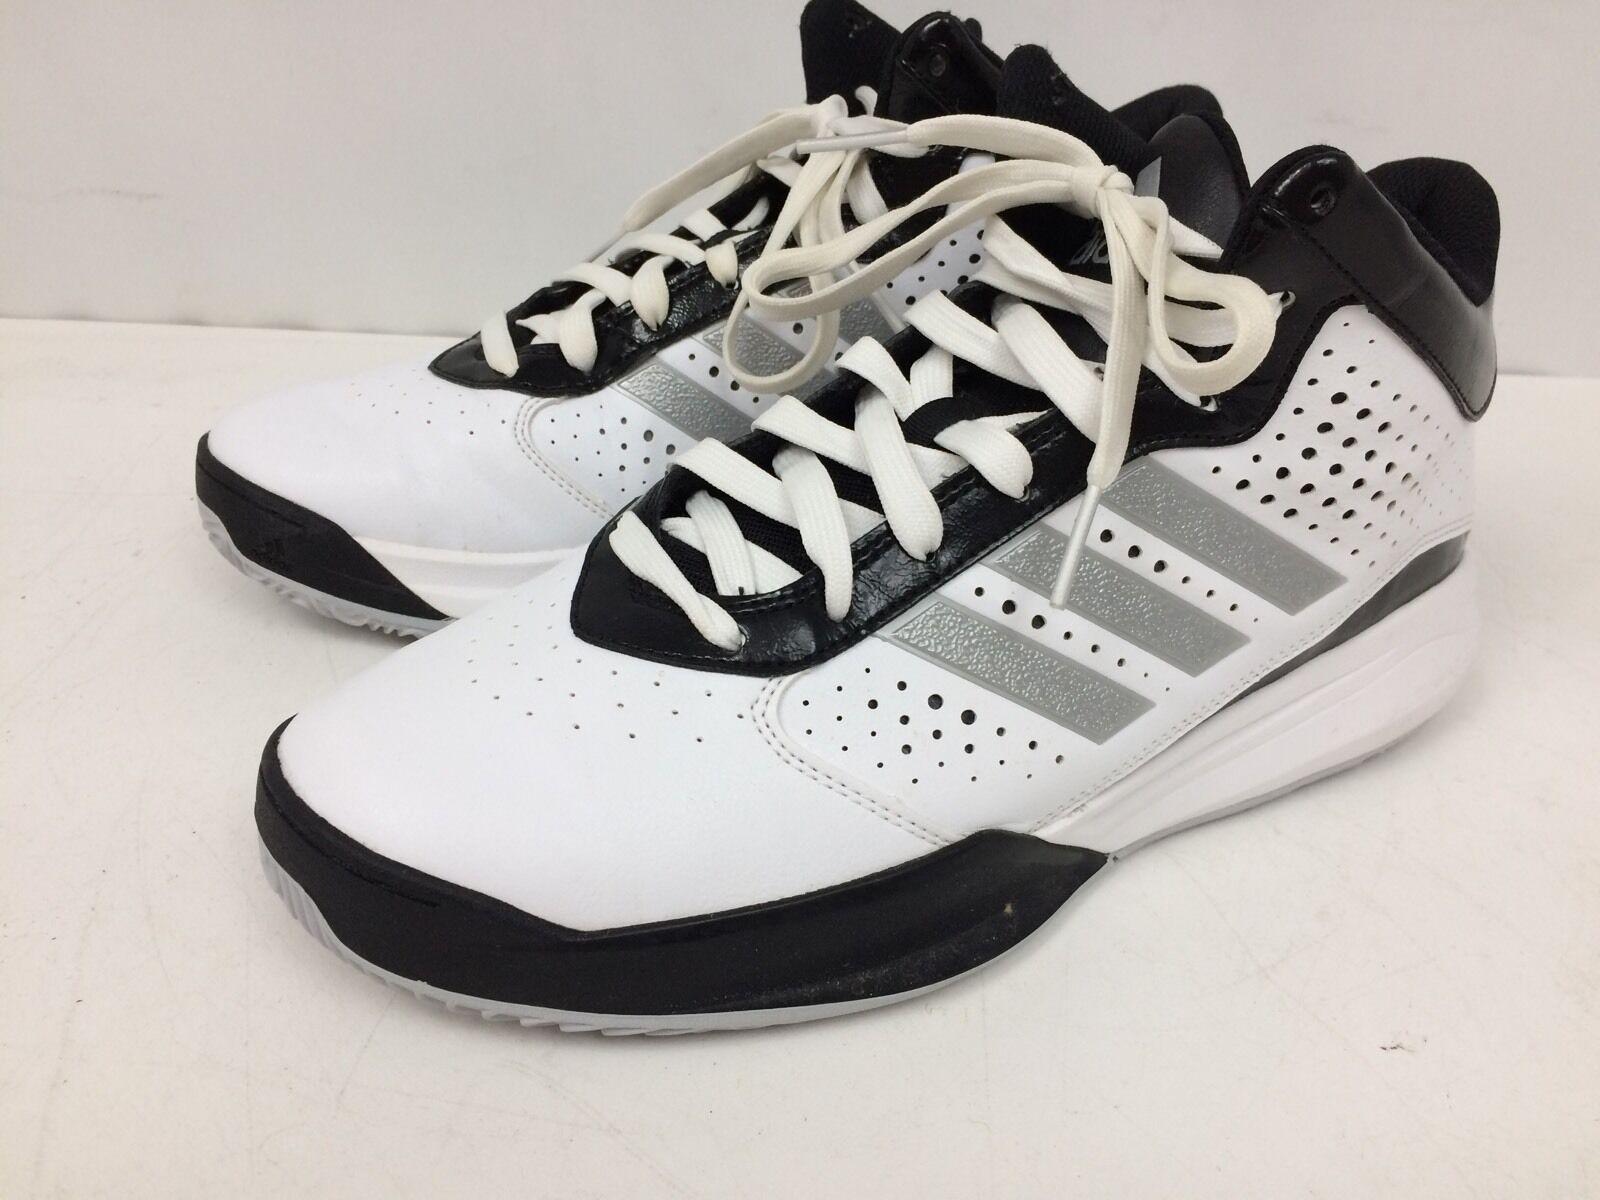 Chaussures de basket Adidas pour Homme Taille 11.5 Blanc / Argent / Noir C766814 * Neuf *